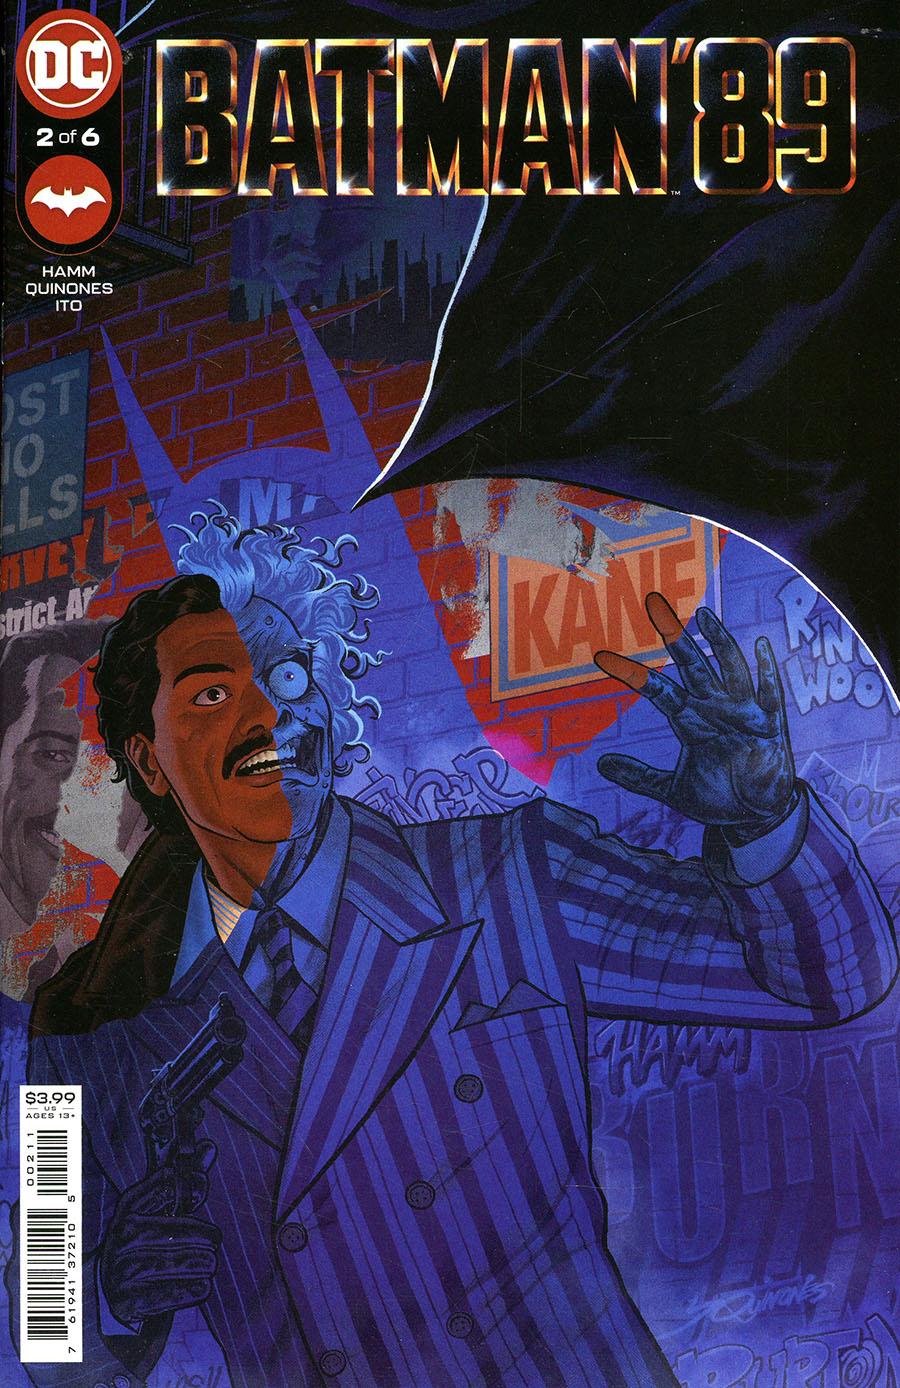 Batman 89 #2 Cover A Regular Joe Quinones Cover